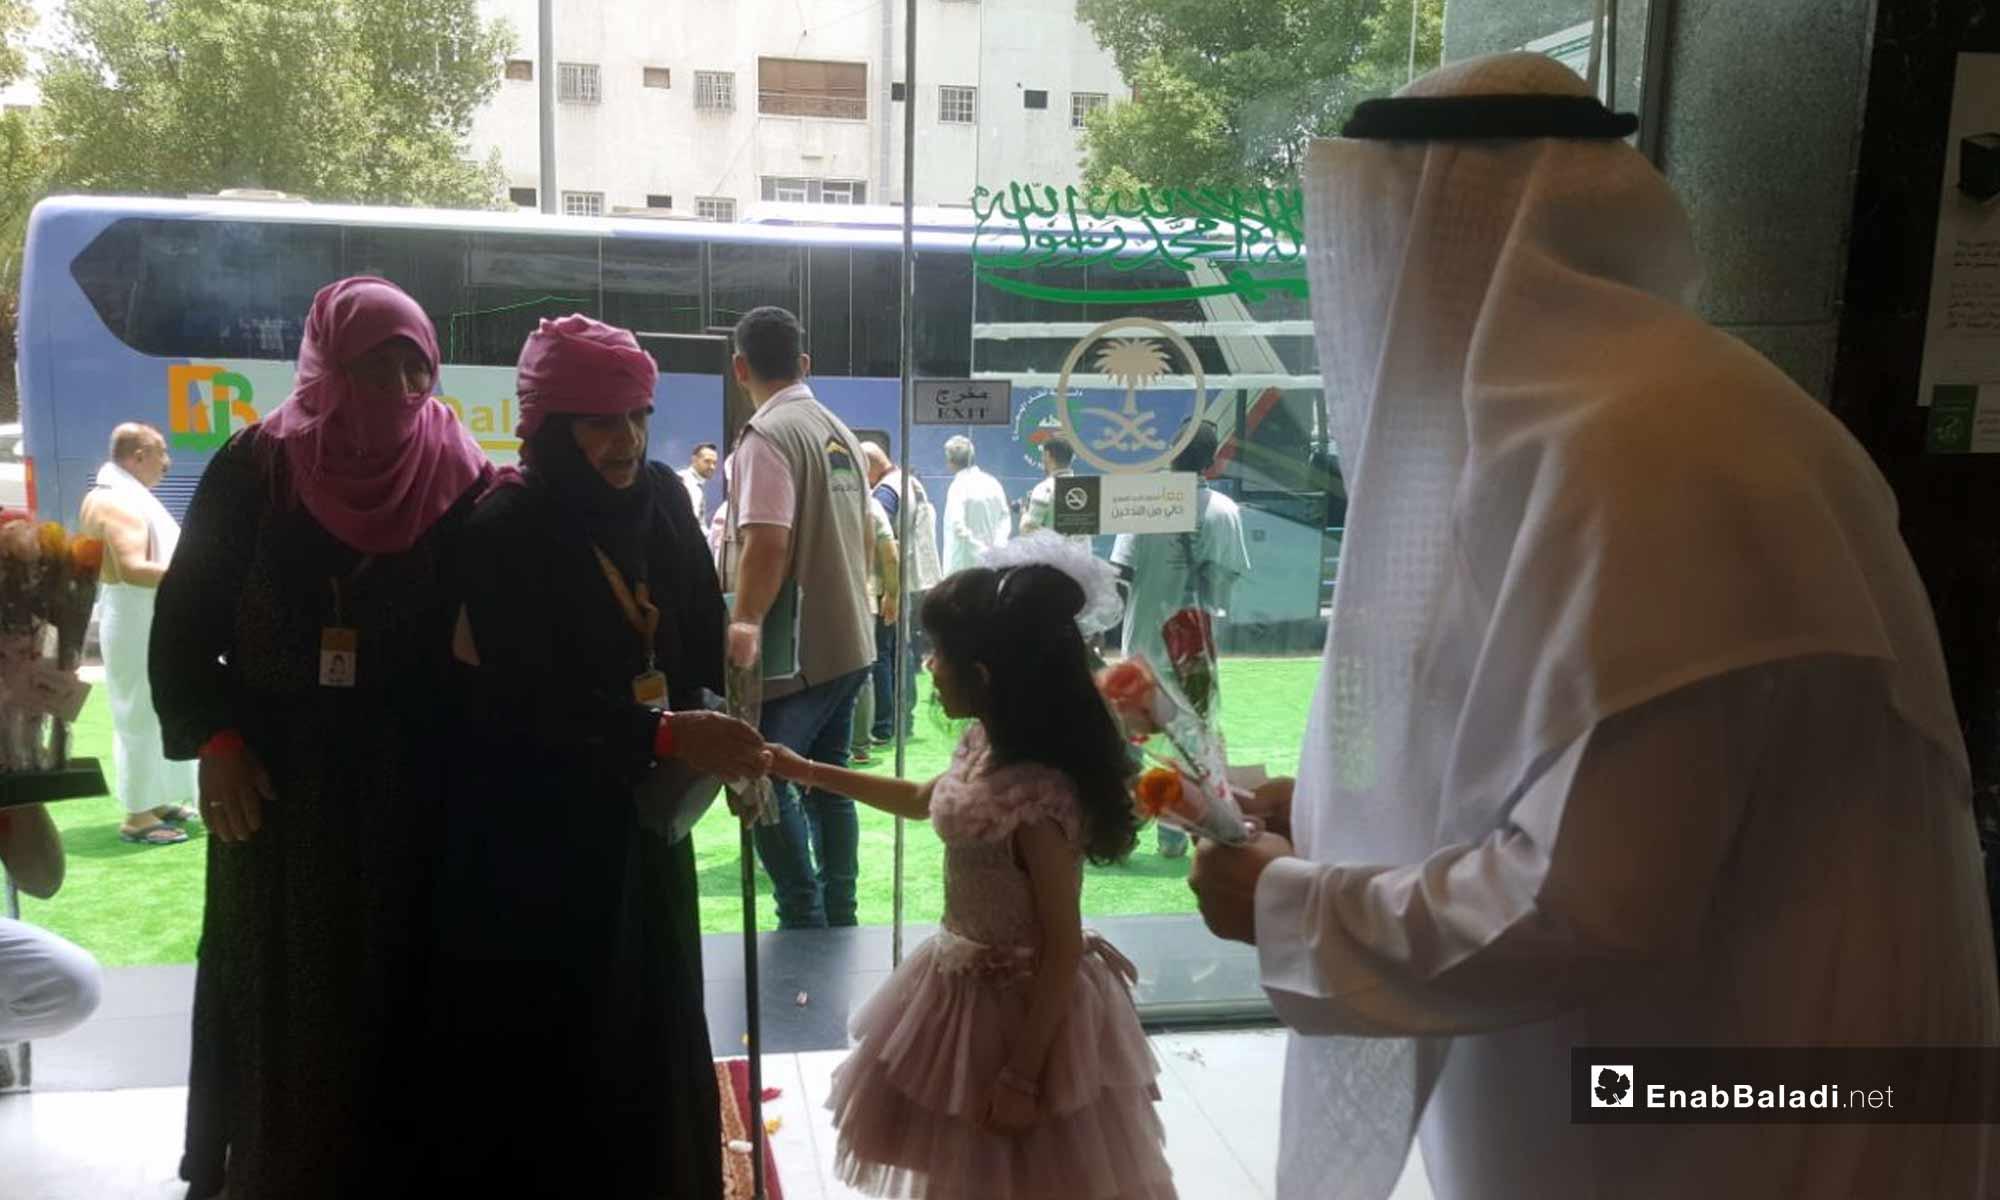 استقبال حجاج سوريون أثناء وصولهم إلى مكة المكرمة - 8 من آب 2018 (عنب بلدي)